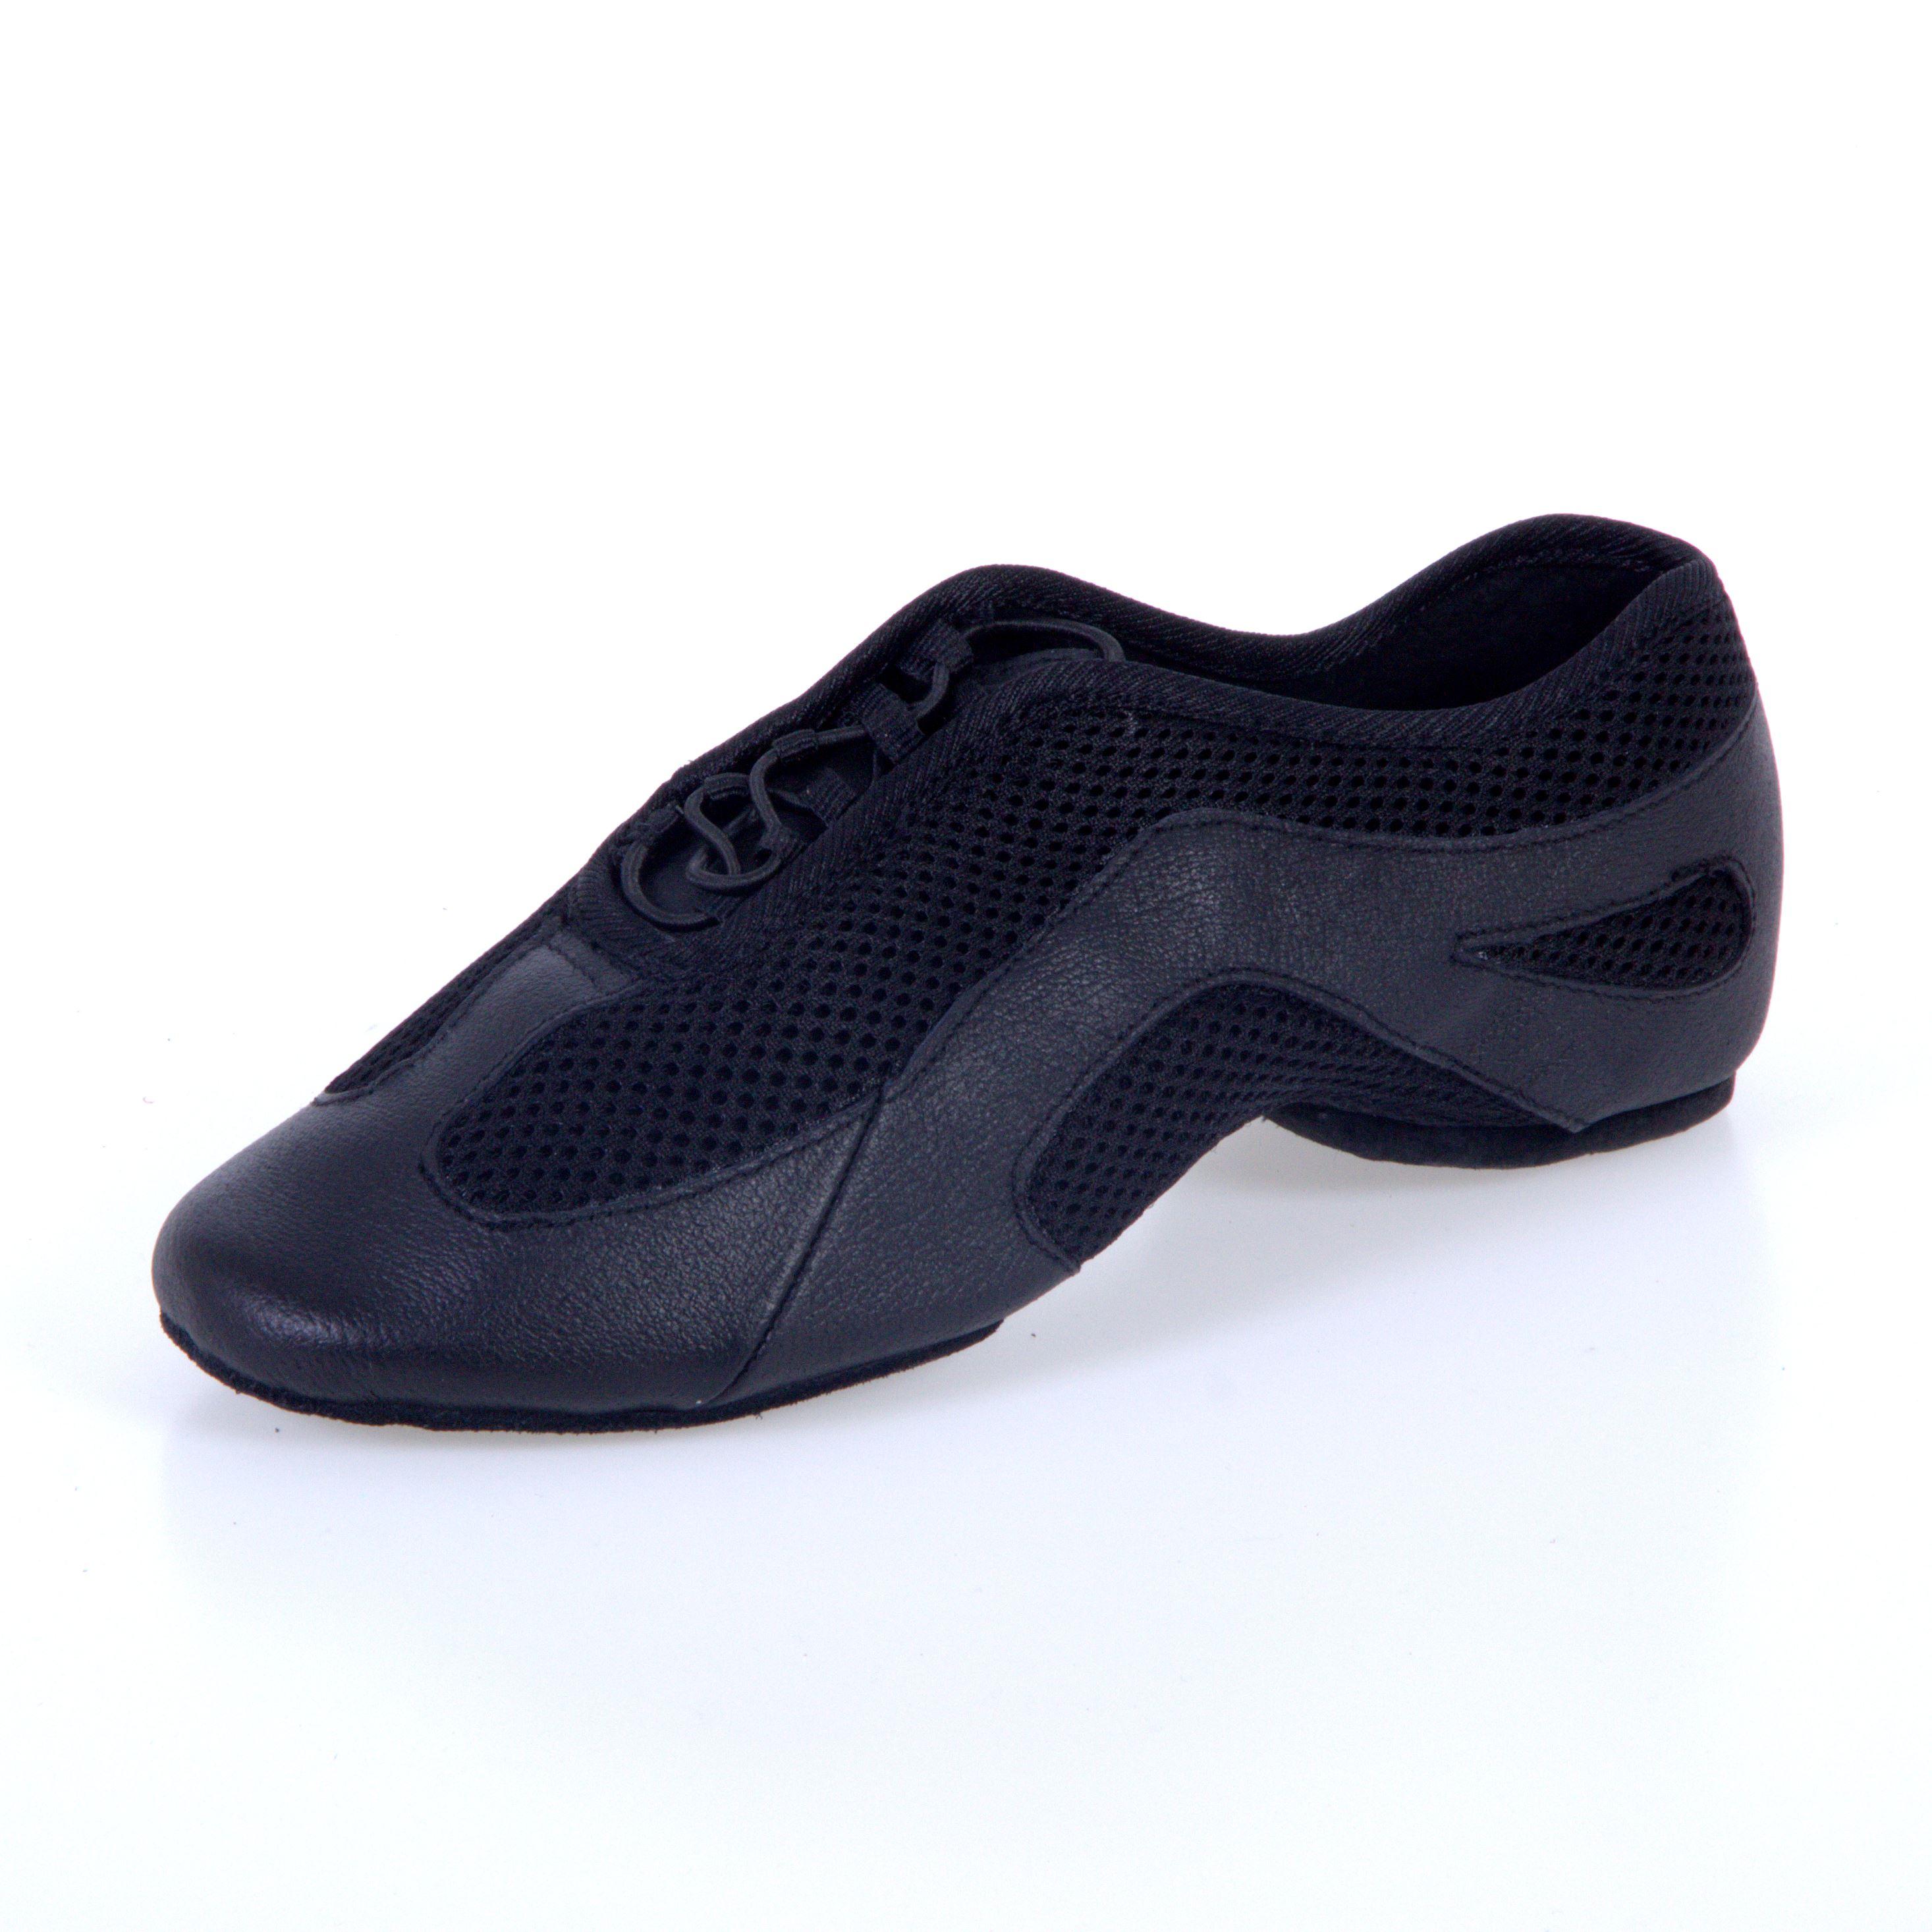 f73ab80ae19b Dámske tanečné topánky skladom do 15 dní